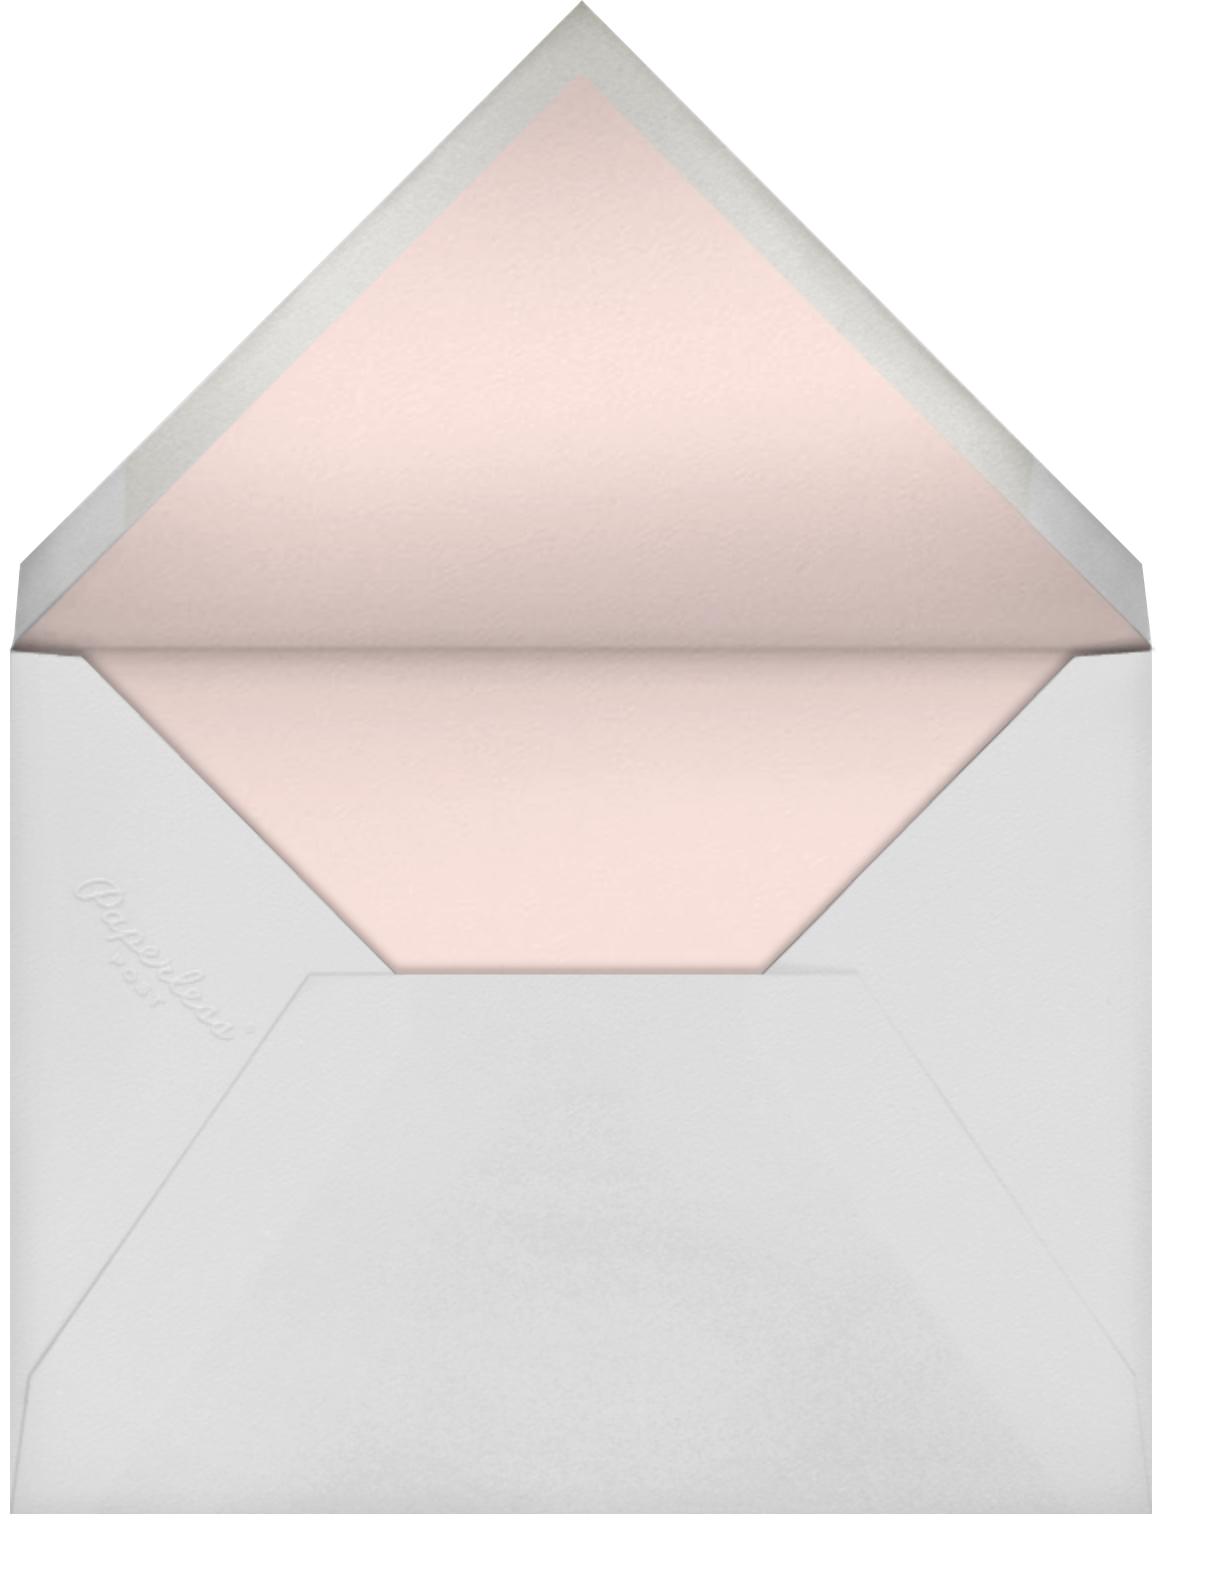 Prairie Tale - Meringue - kate spade new york - Bridal shower - envelope back